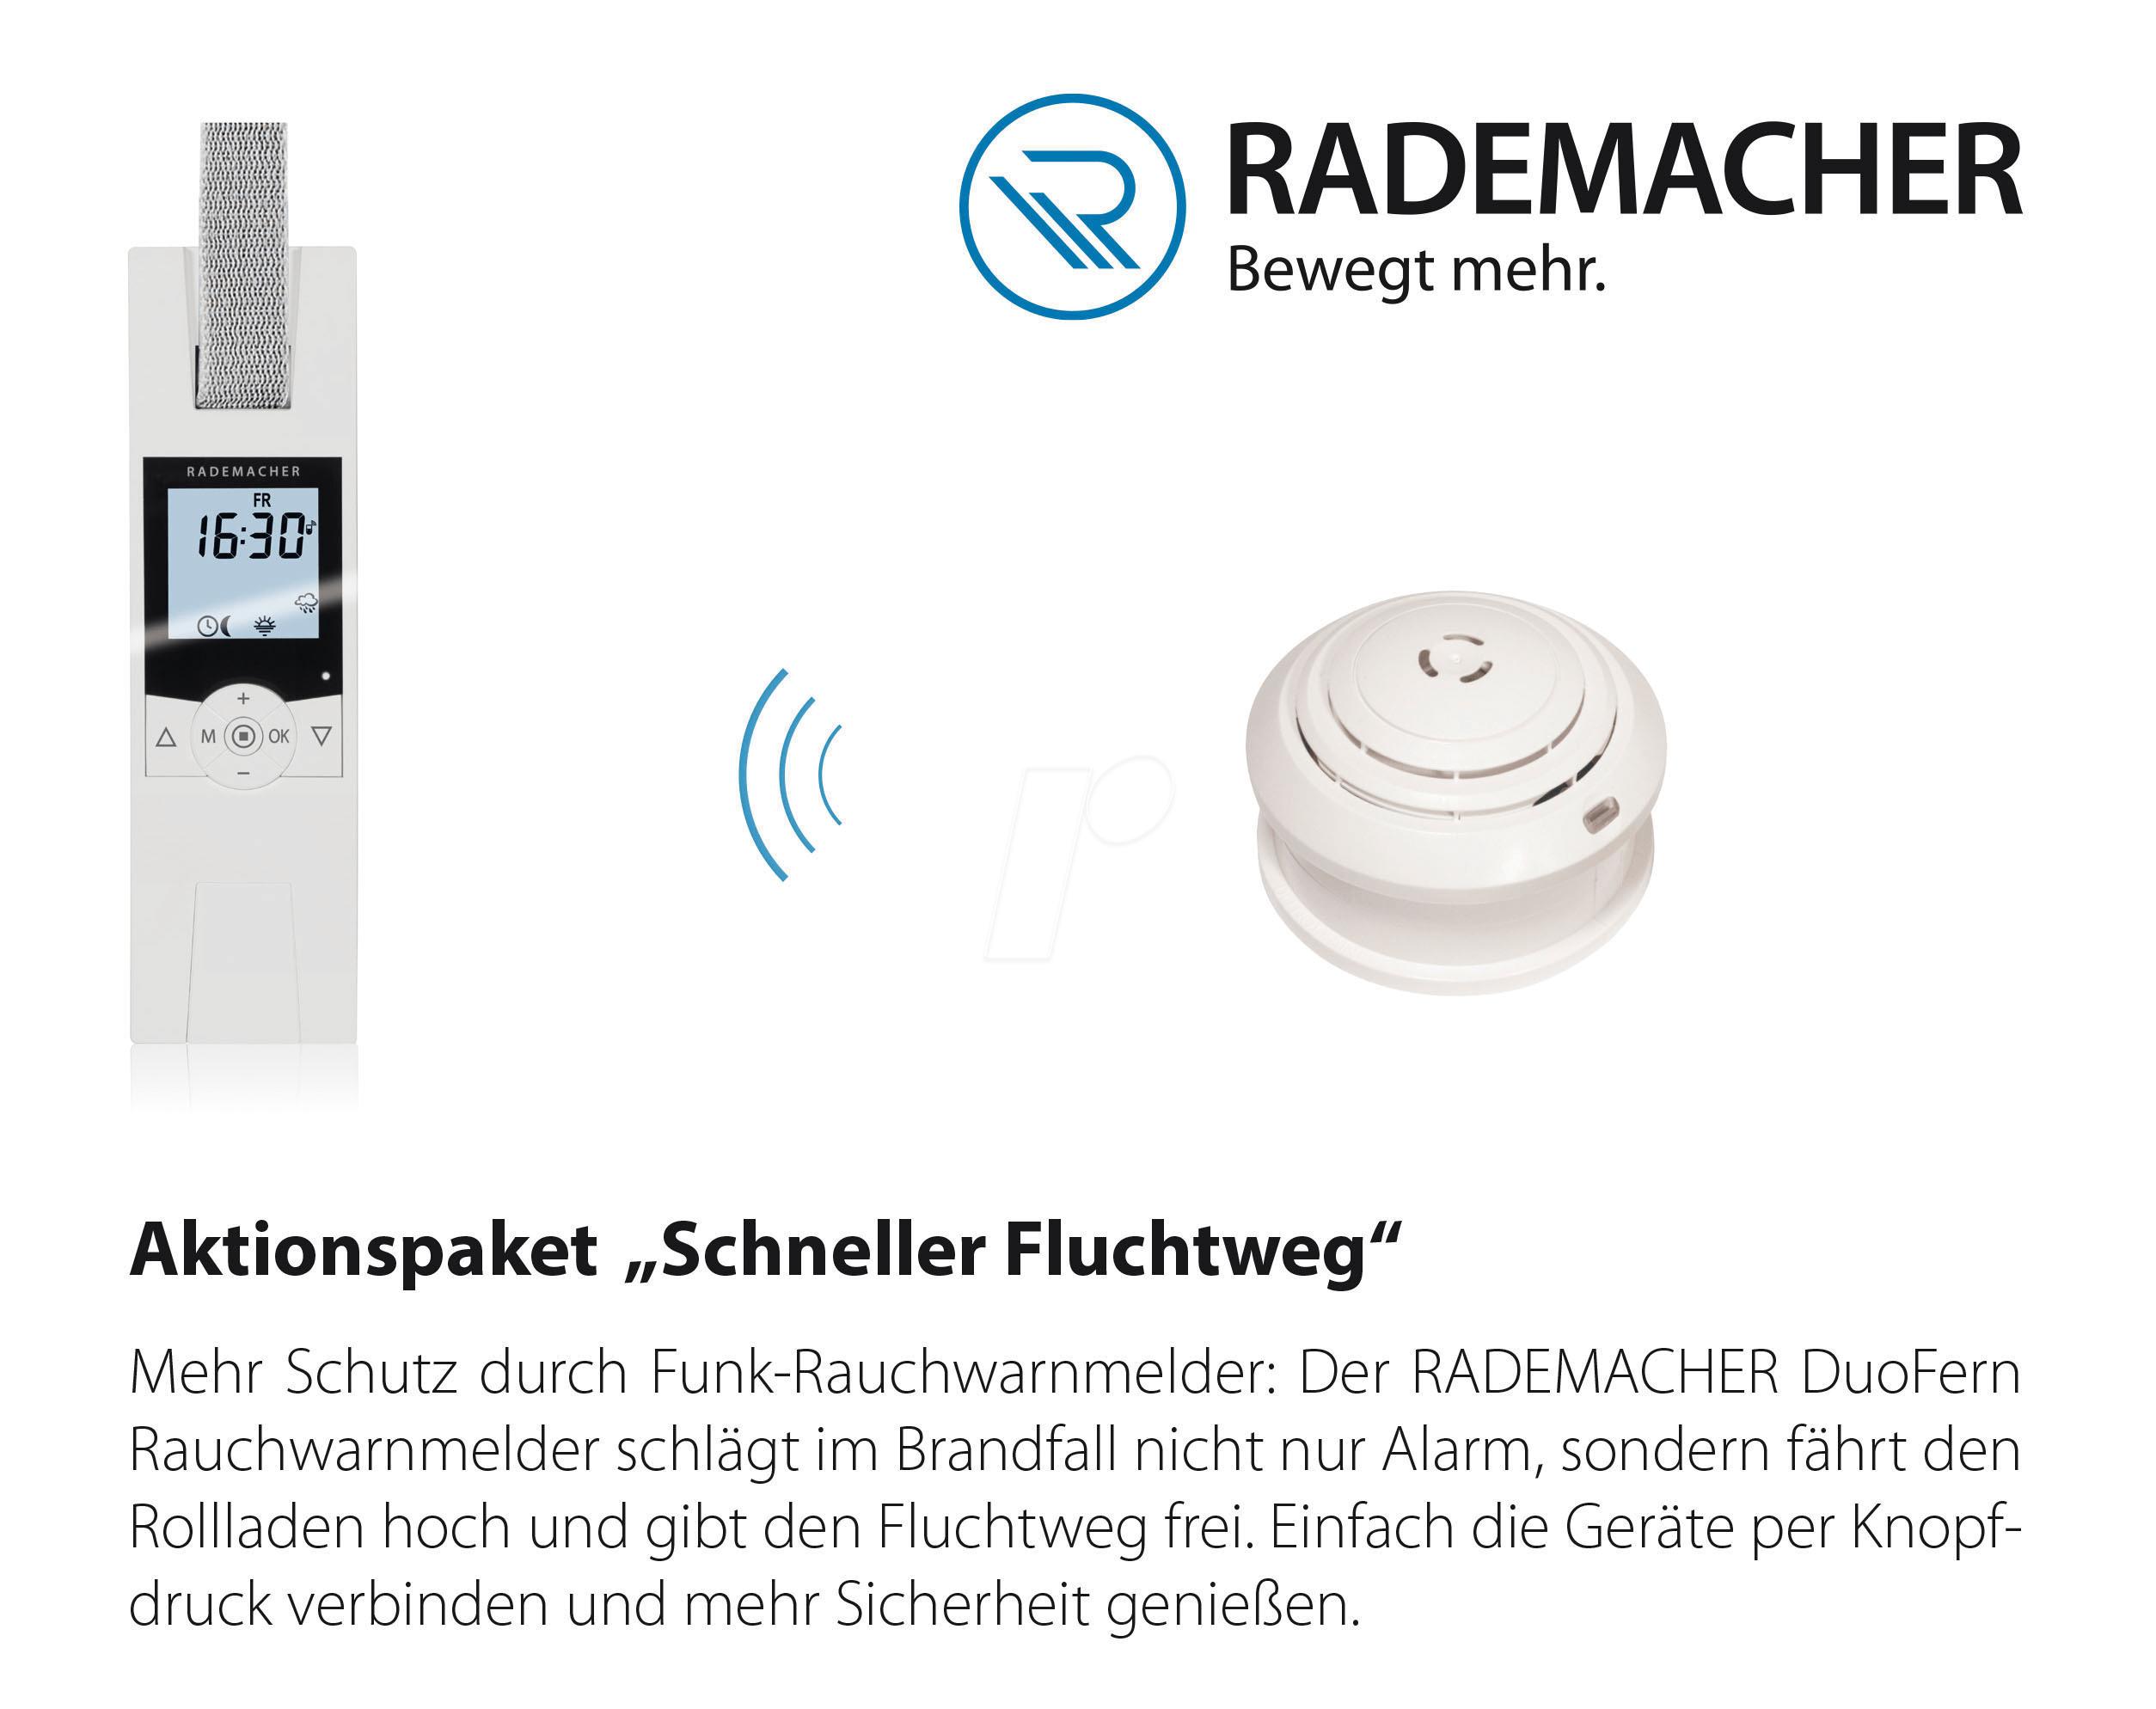 https://cdn-reichelt.de/bilder/web/xxl_ws/E910/RADE_30110004_02_ANW.png